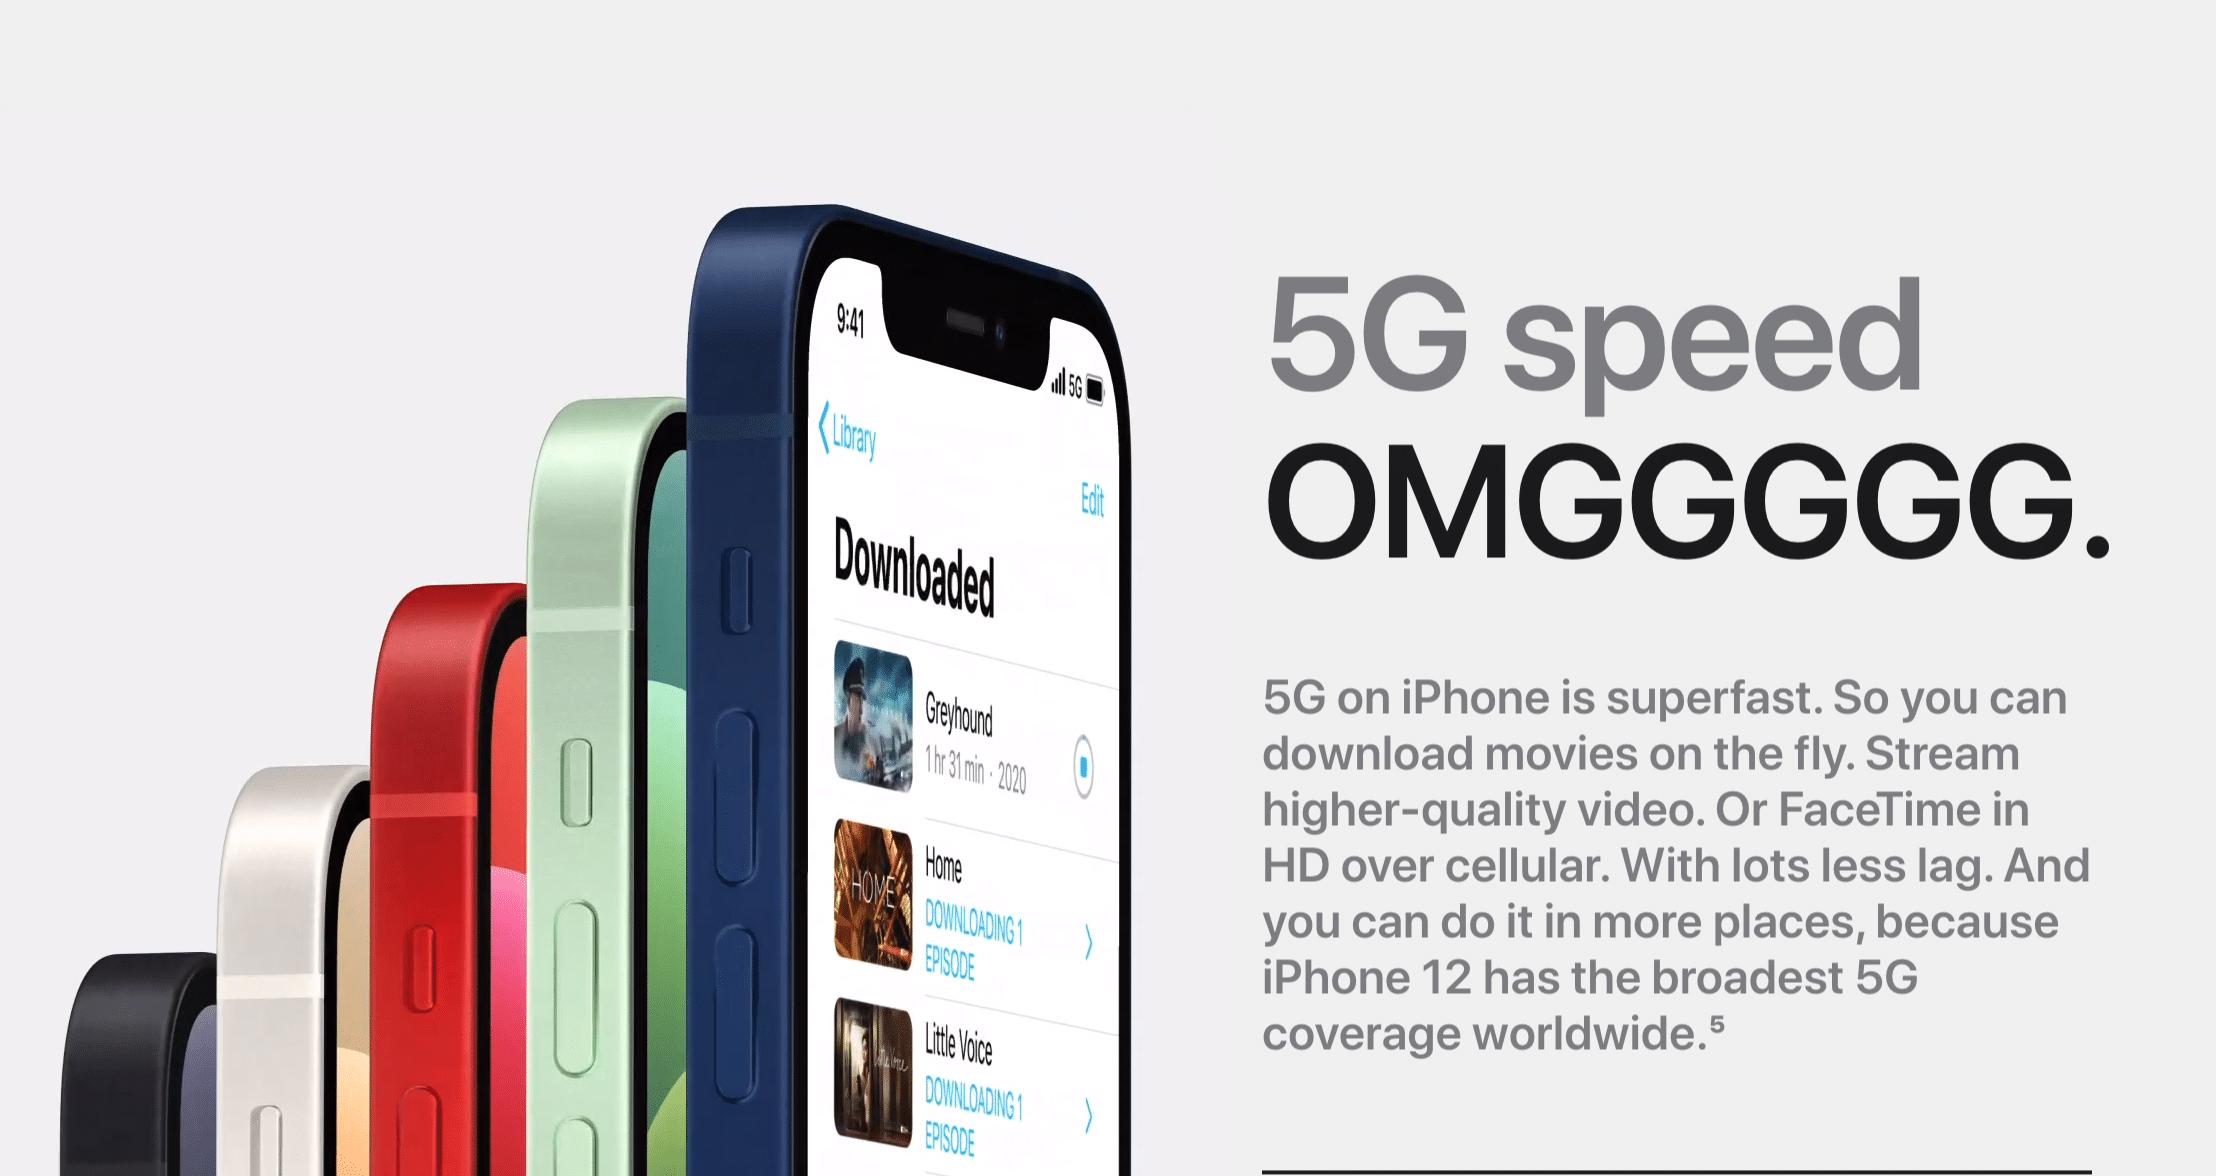 Mạng dữ liệu di động 5G trên iPhone 12